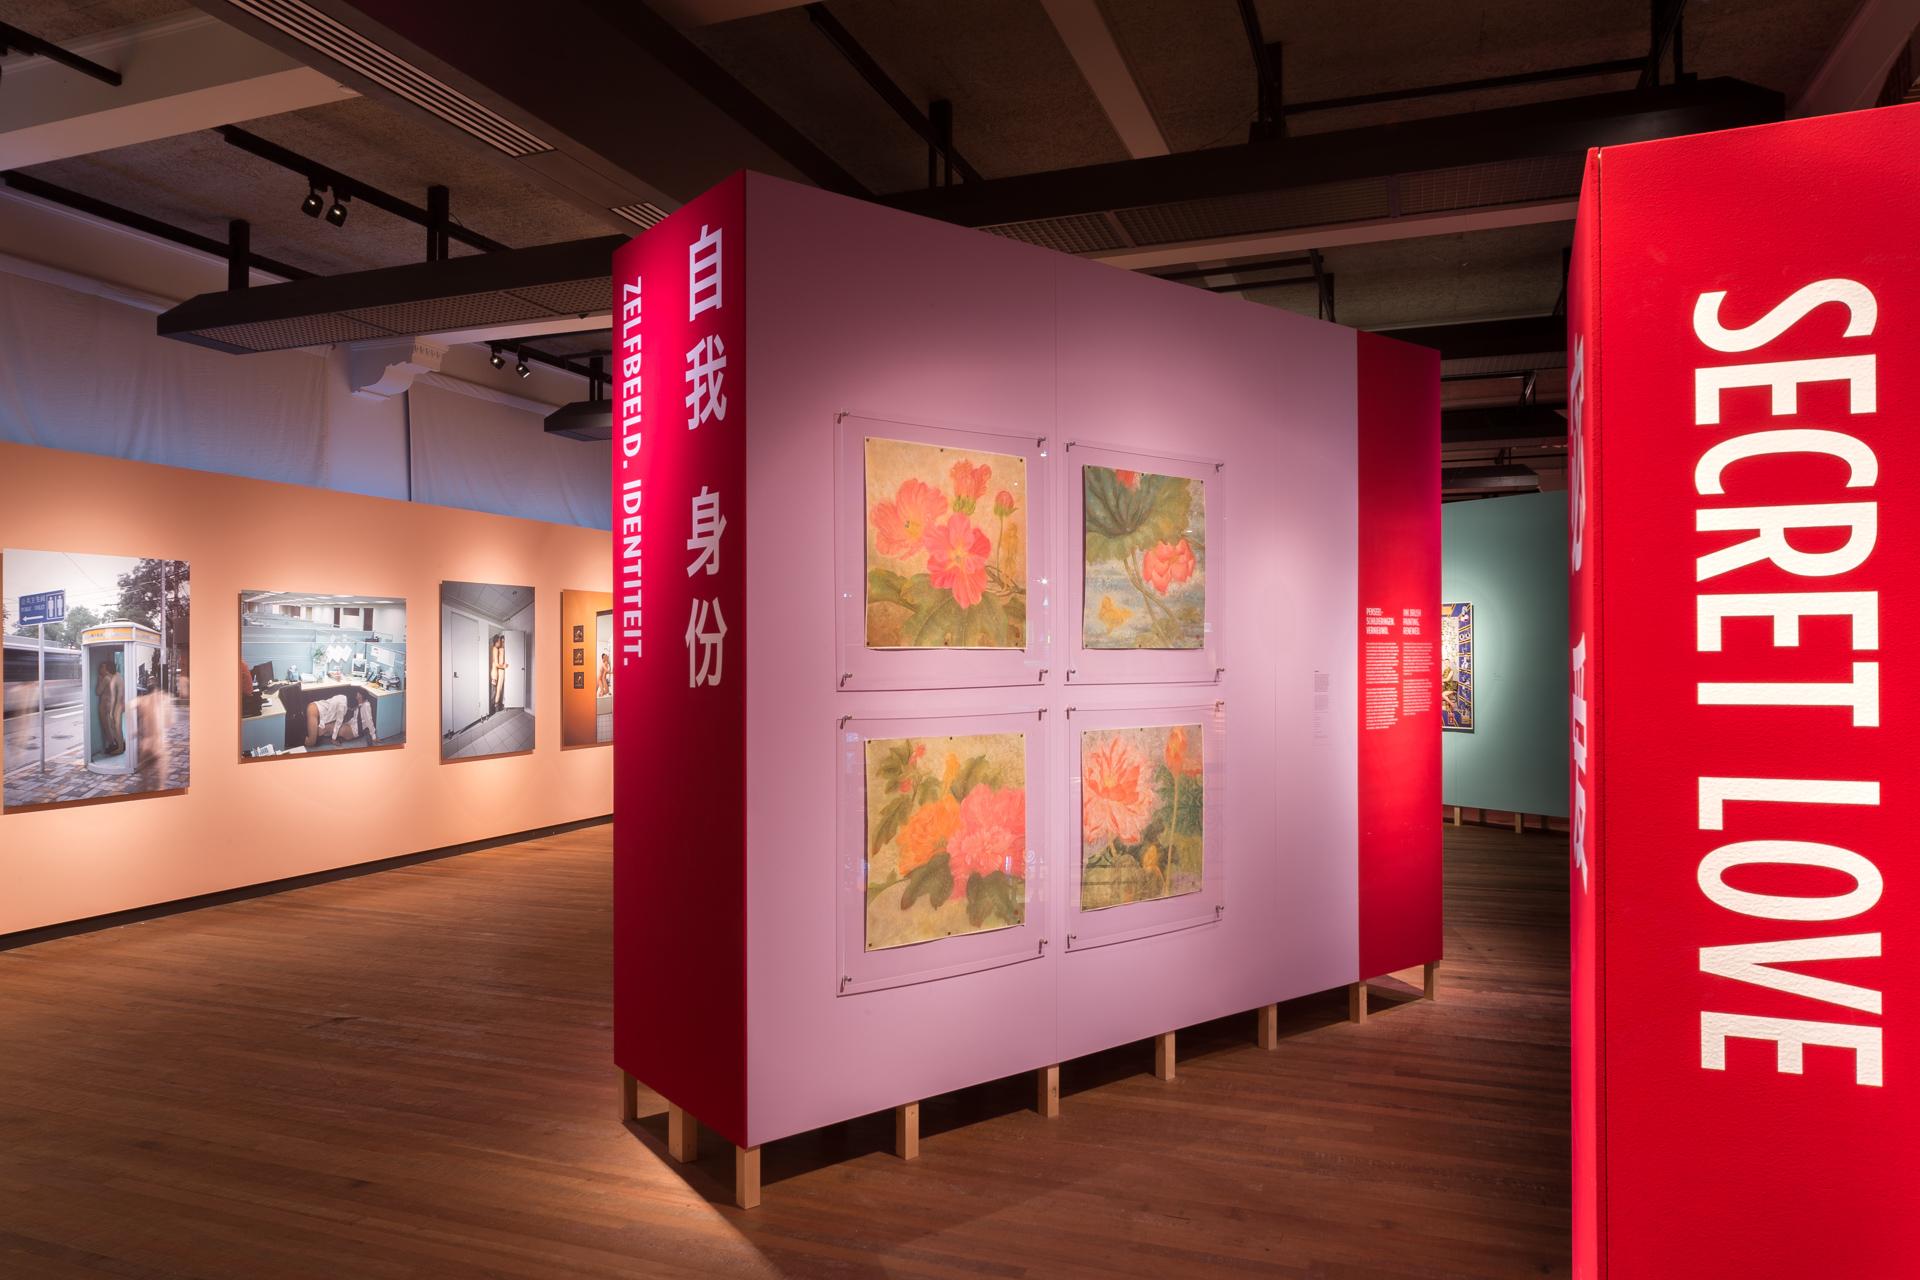 tentoonstellingsontwerp secret love tropenmuseum 13 jpg